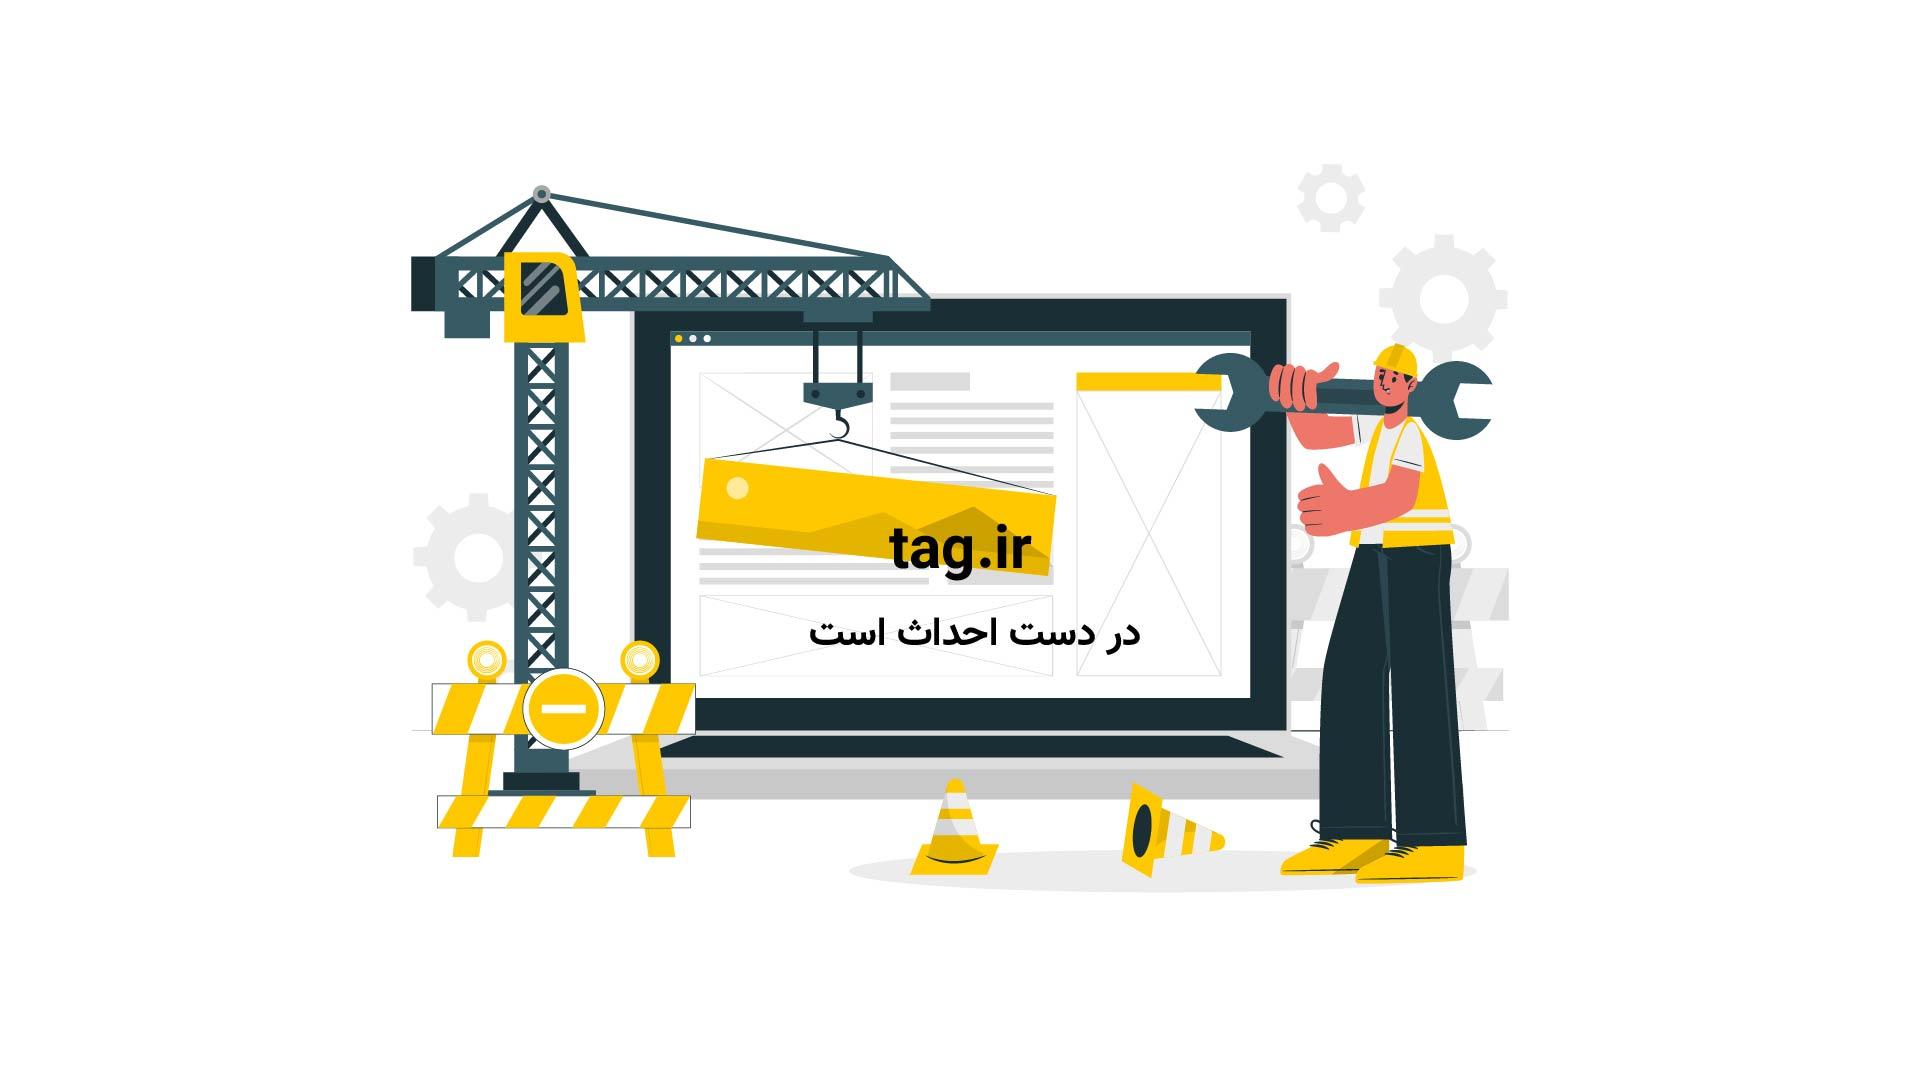 آتش سوزی اتوبوس | تگ